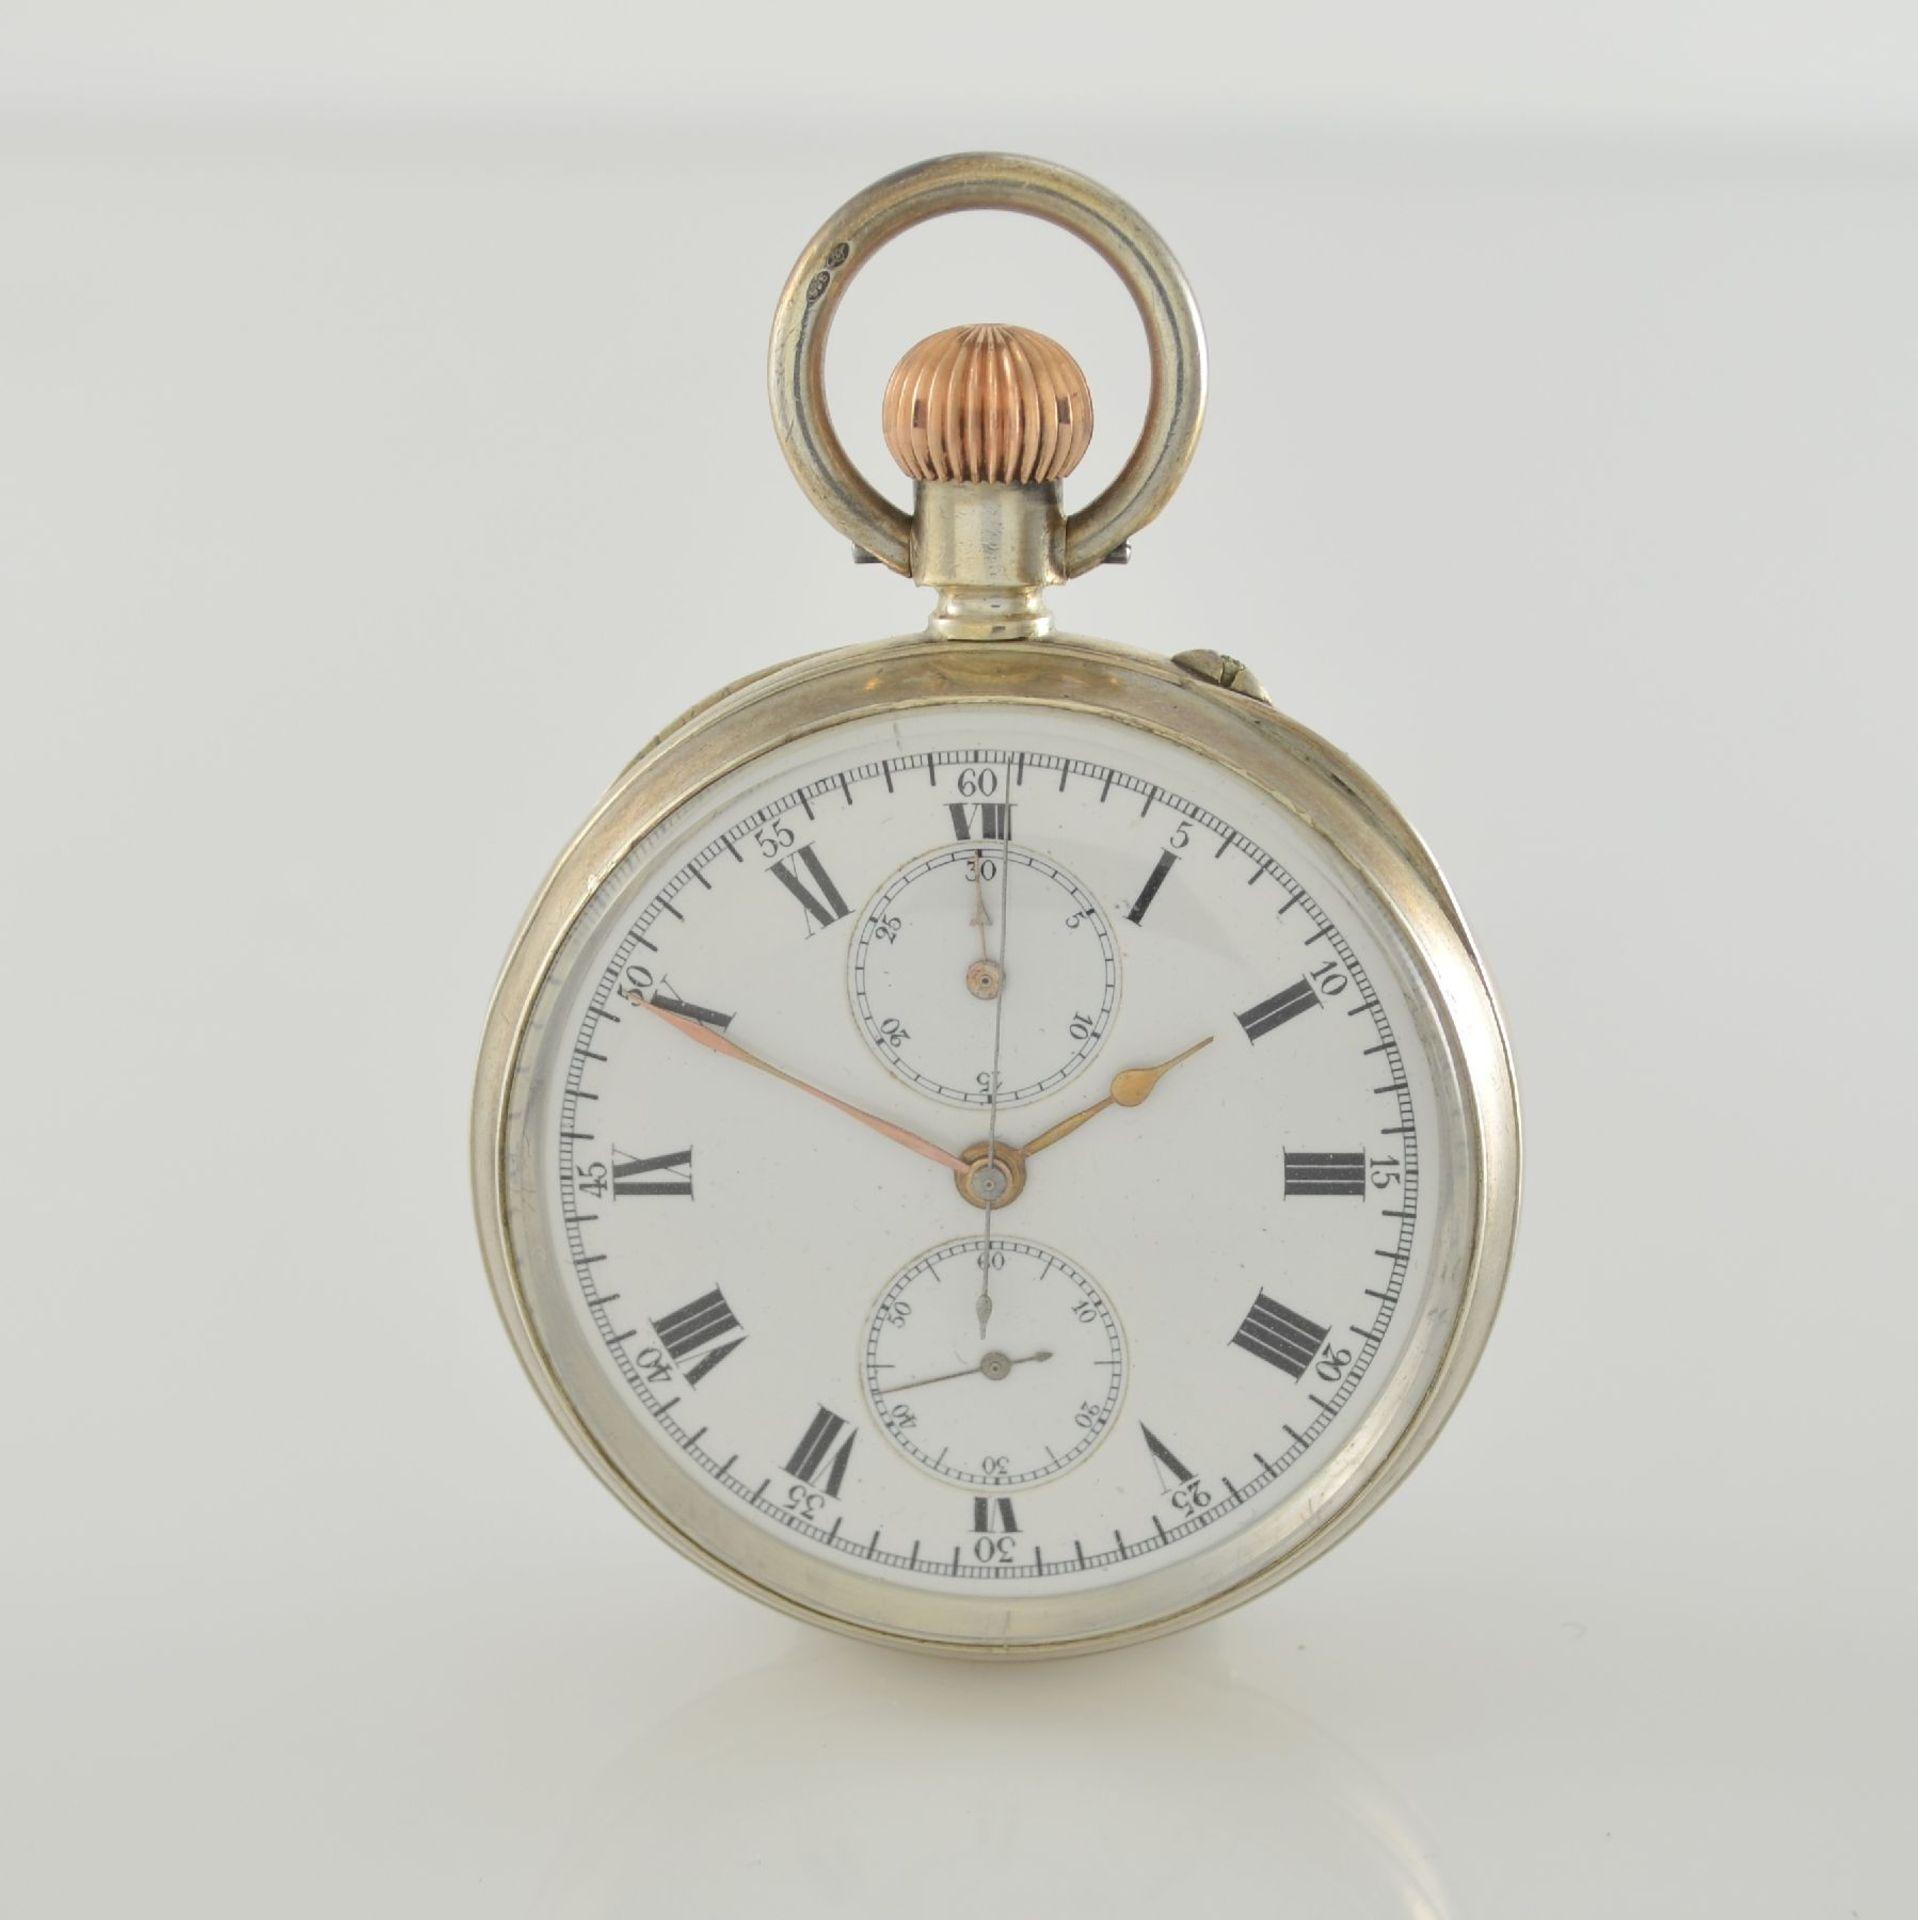 LONGINES offene Silbertaschenuhr mit Chronograph, Schweiz lt. Hallmark 1913, glattes Geh. m.